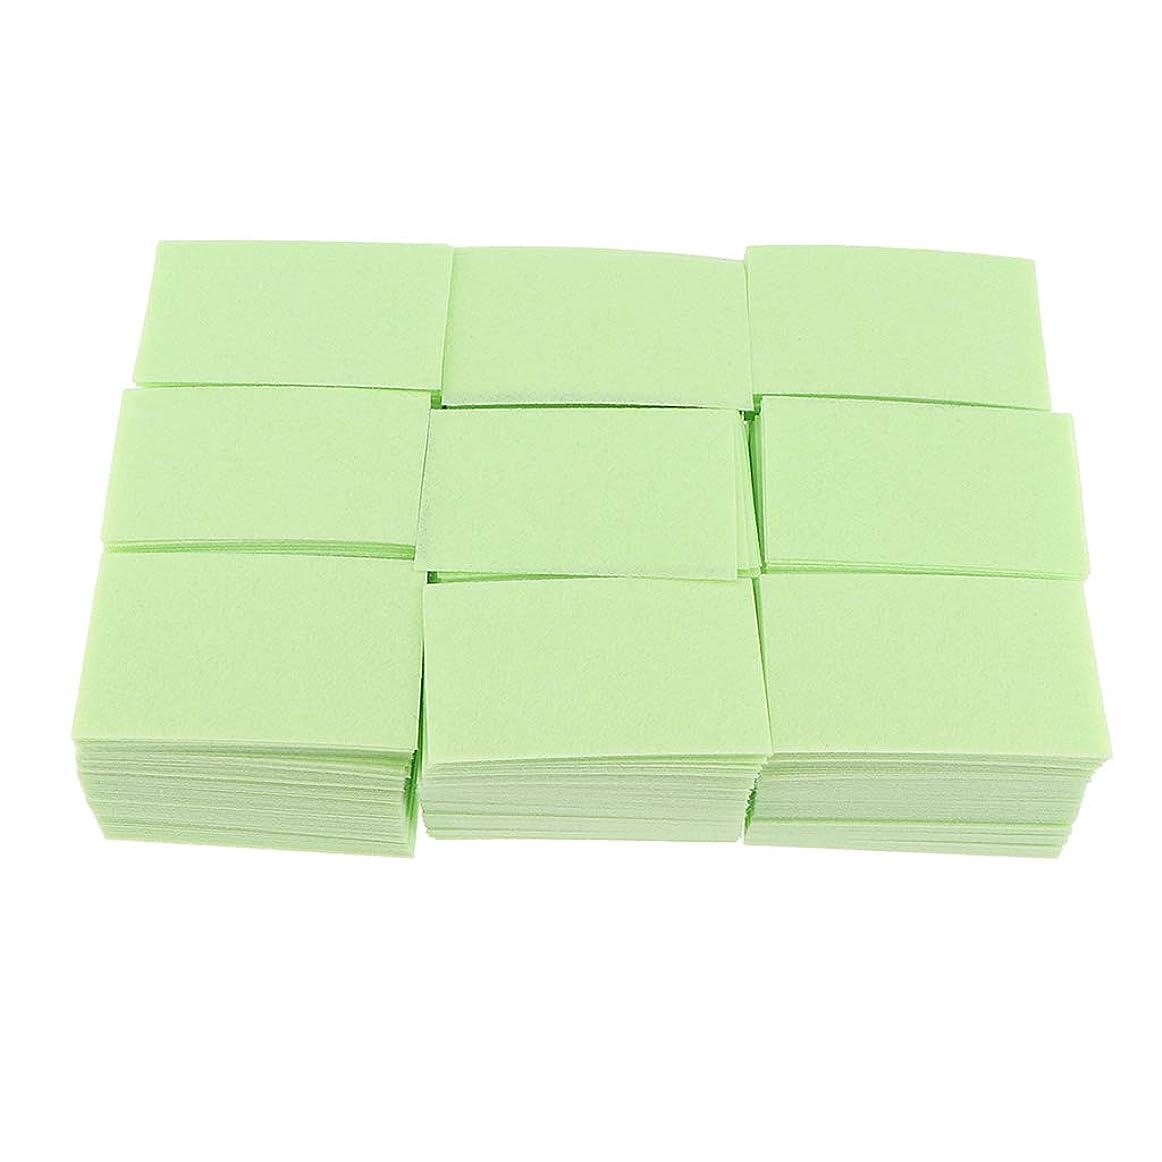 労働記述する複雑なP Prettyia 約700枚 ネイルポリッシュリムーバー 綿パッド 2色選べ - 緑